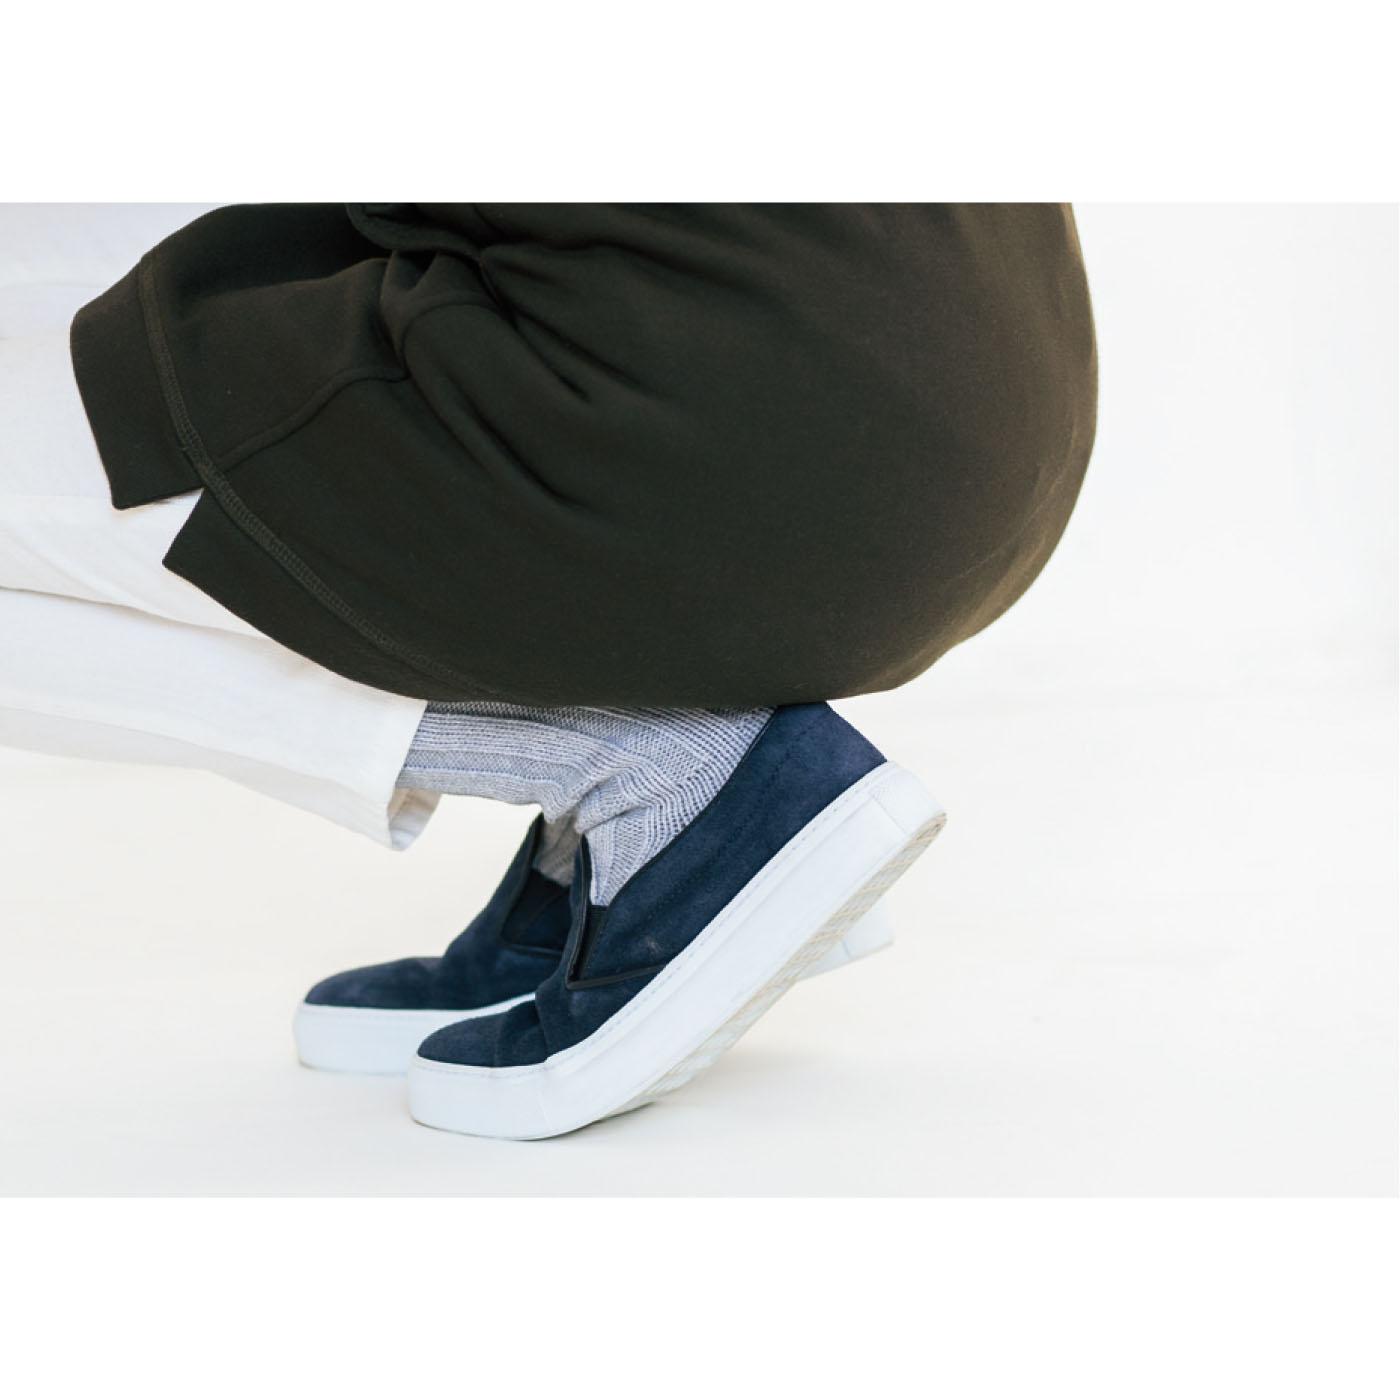 しゃがんでも動いても、腰・ヒップまわりをすっぽりカバーする丈感でぬくもりキープ。